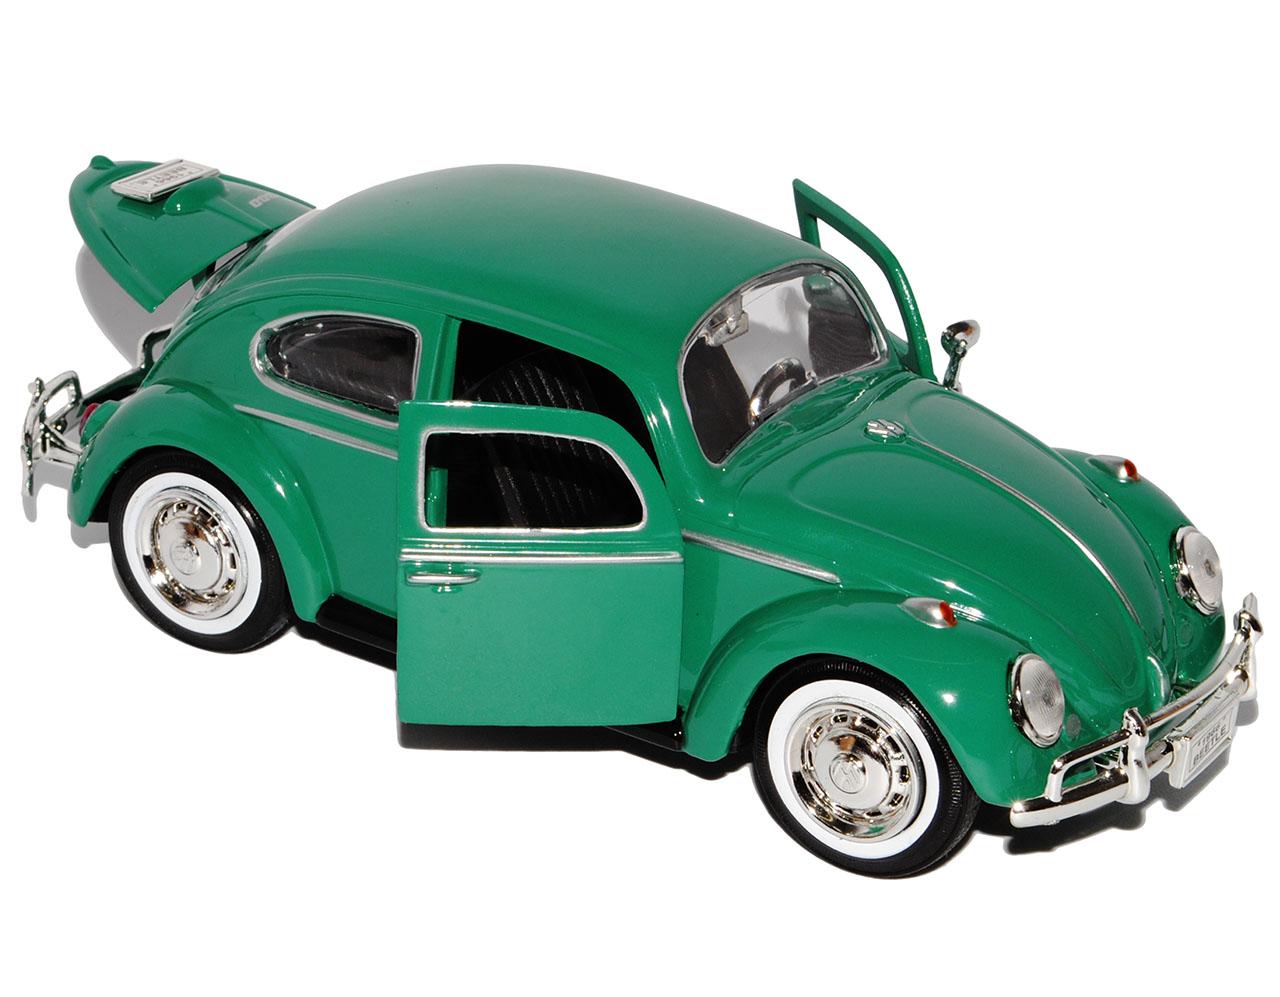 VW Volkswagen escarabajo 1300 Coupe Java verde con banda blanca neumáticos 1//24 Motormax mod.